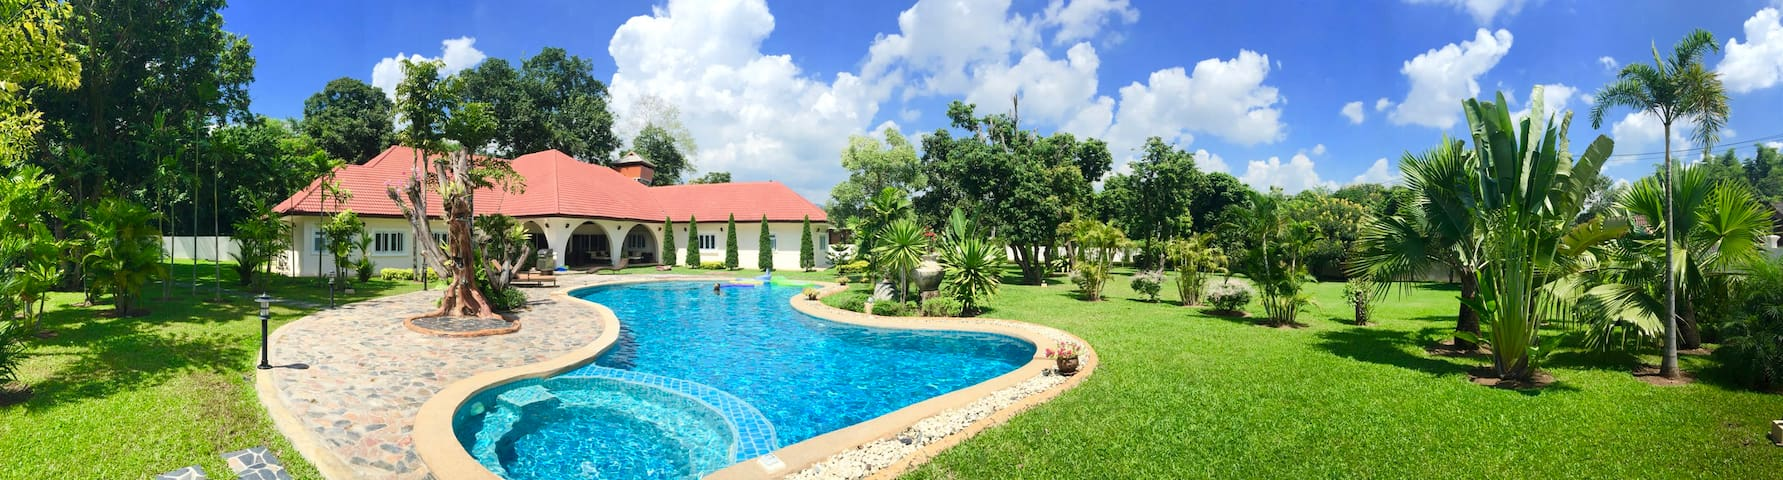 Luxury Private 4000 sqm Villa